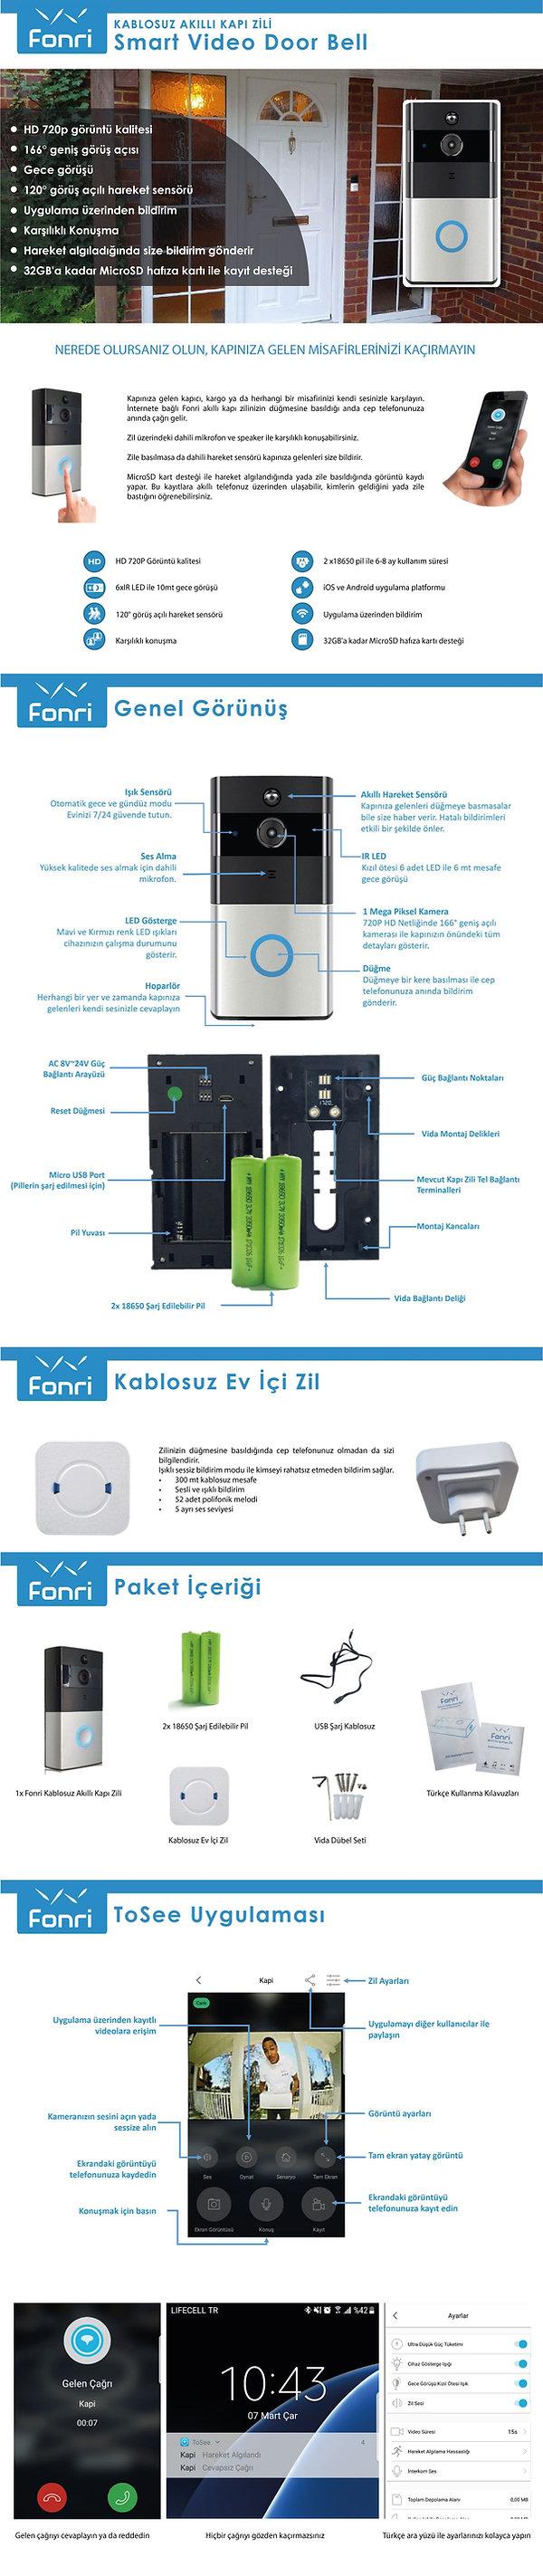 259910_Fonri-VN-DB01-Kablosuz-Akilli-Kap